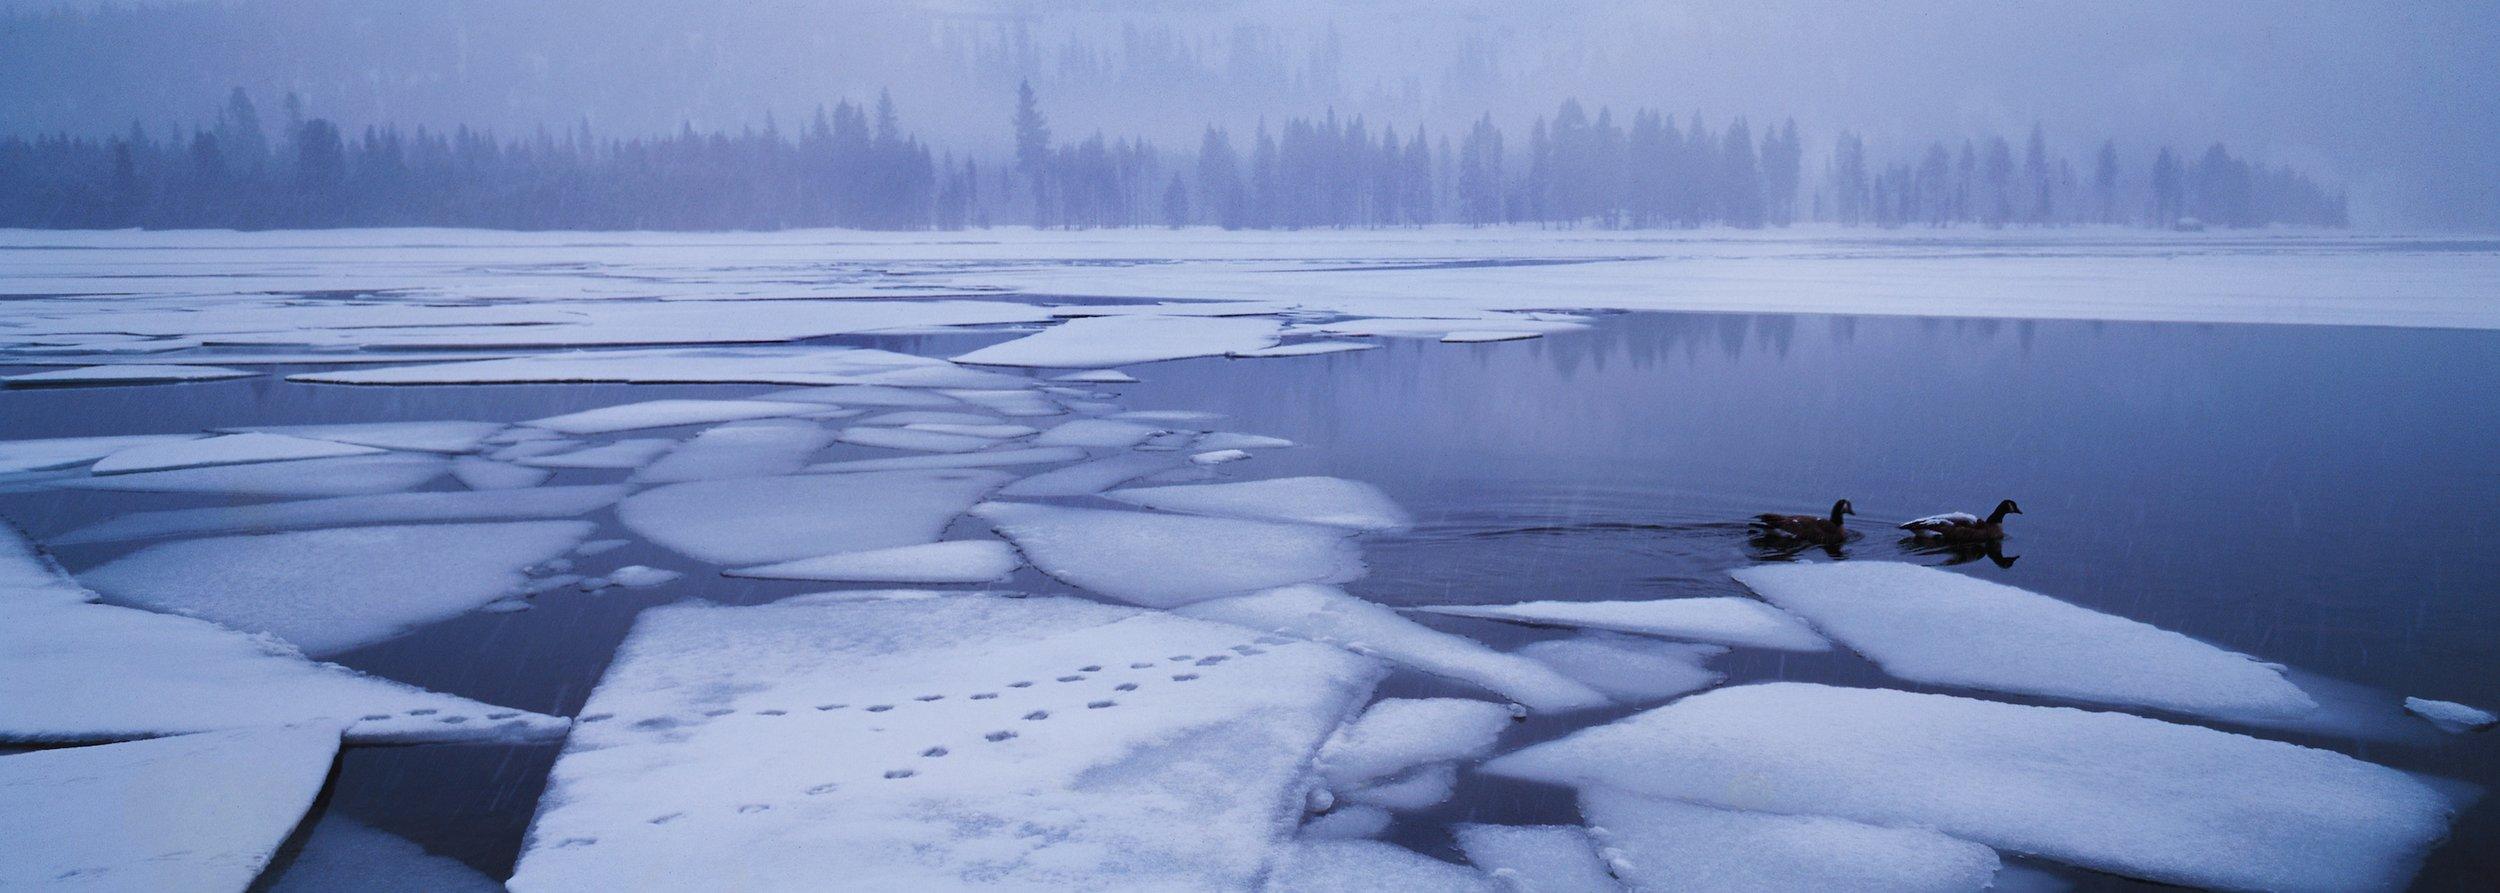 Frozen Lake (Printer).JPG